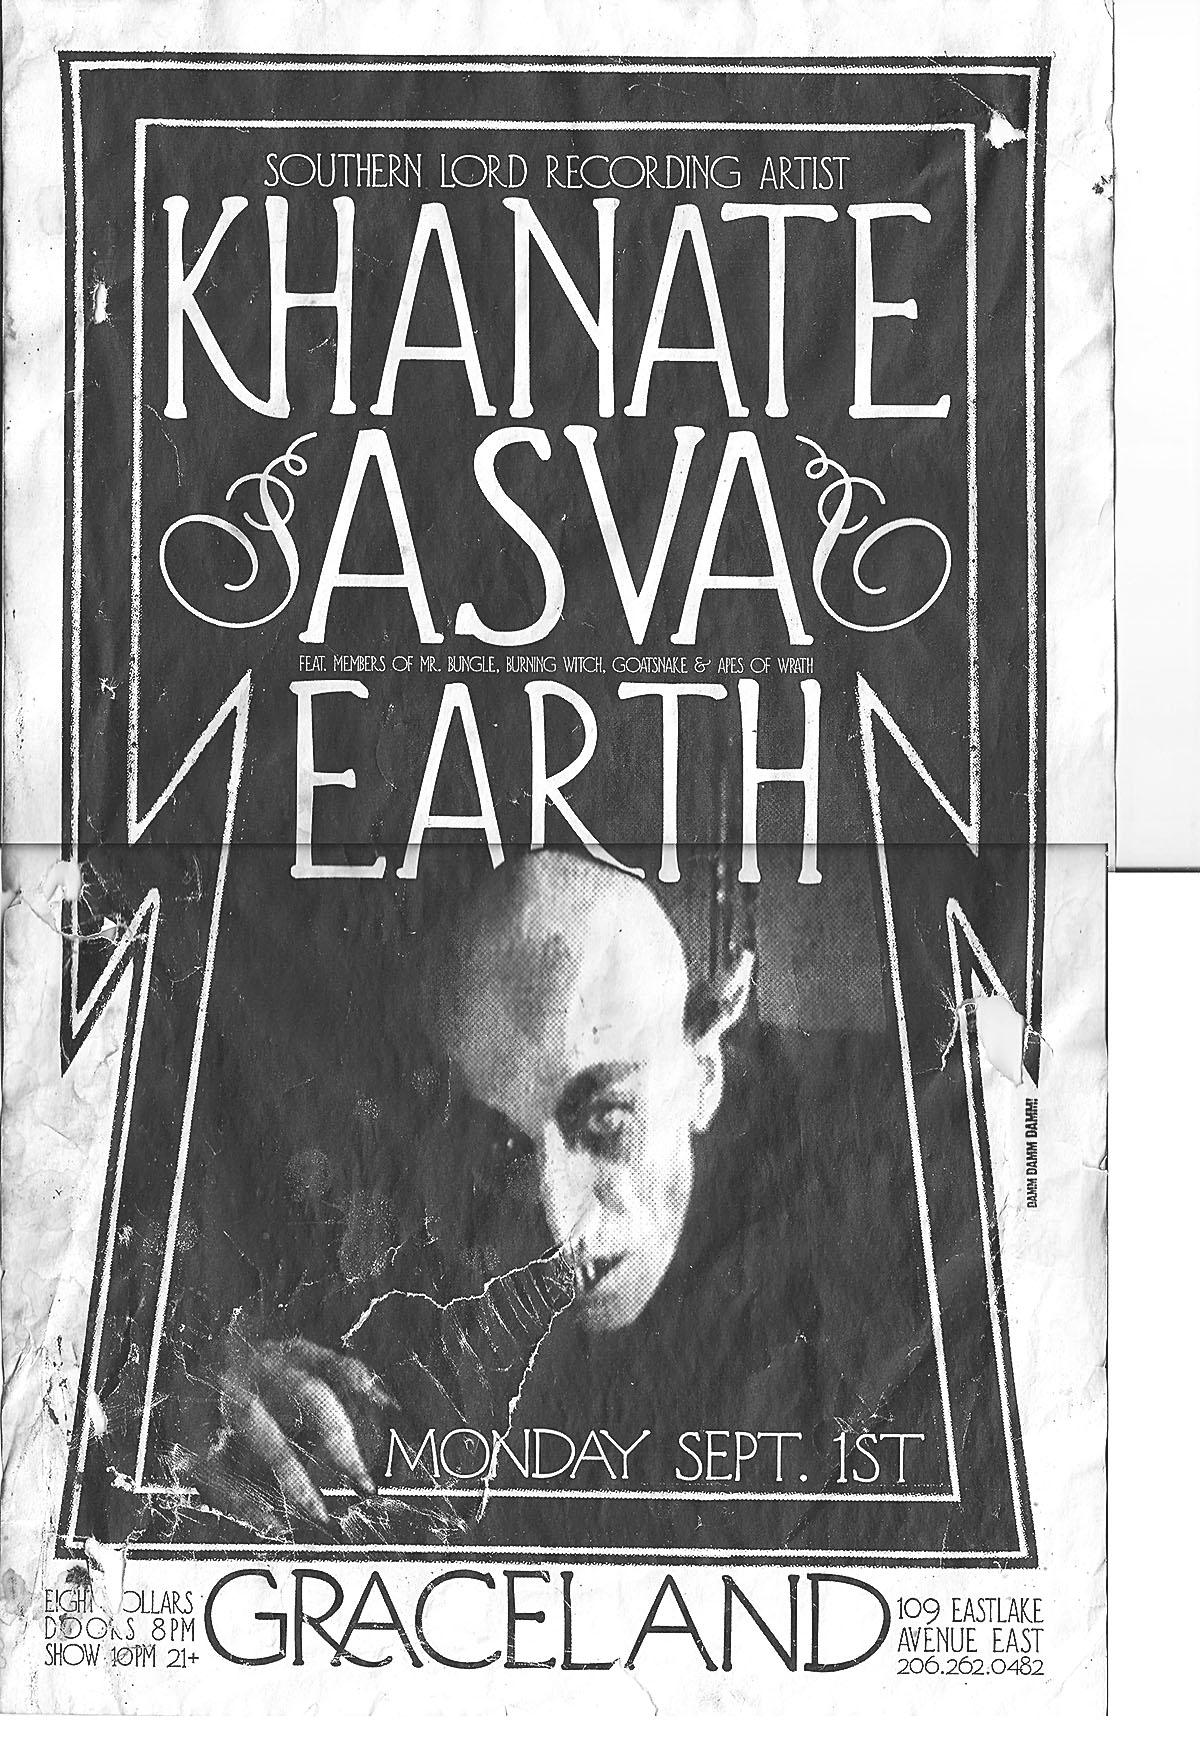 KHANATE + ASVA + EARTH live at Graceland, Seattle 2004 poster